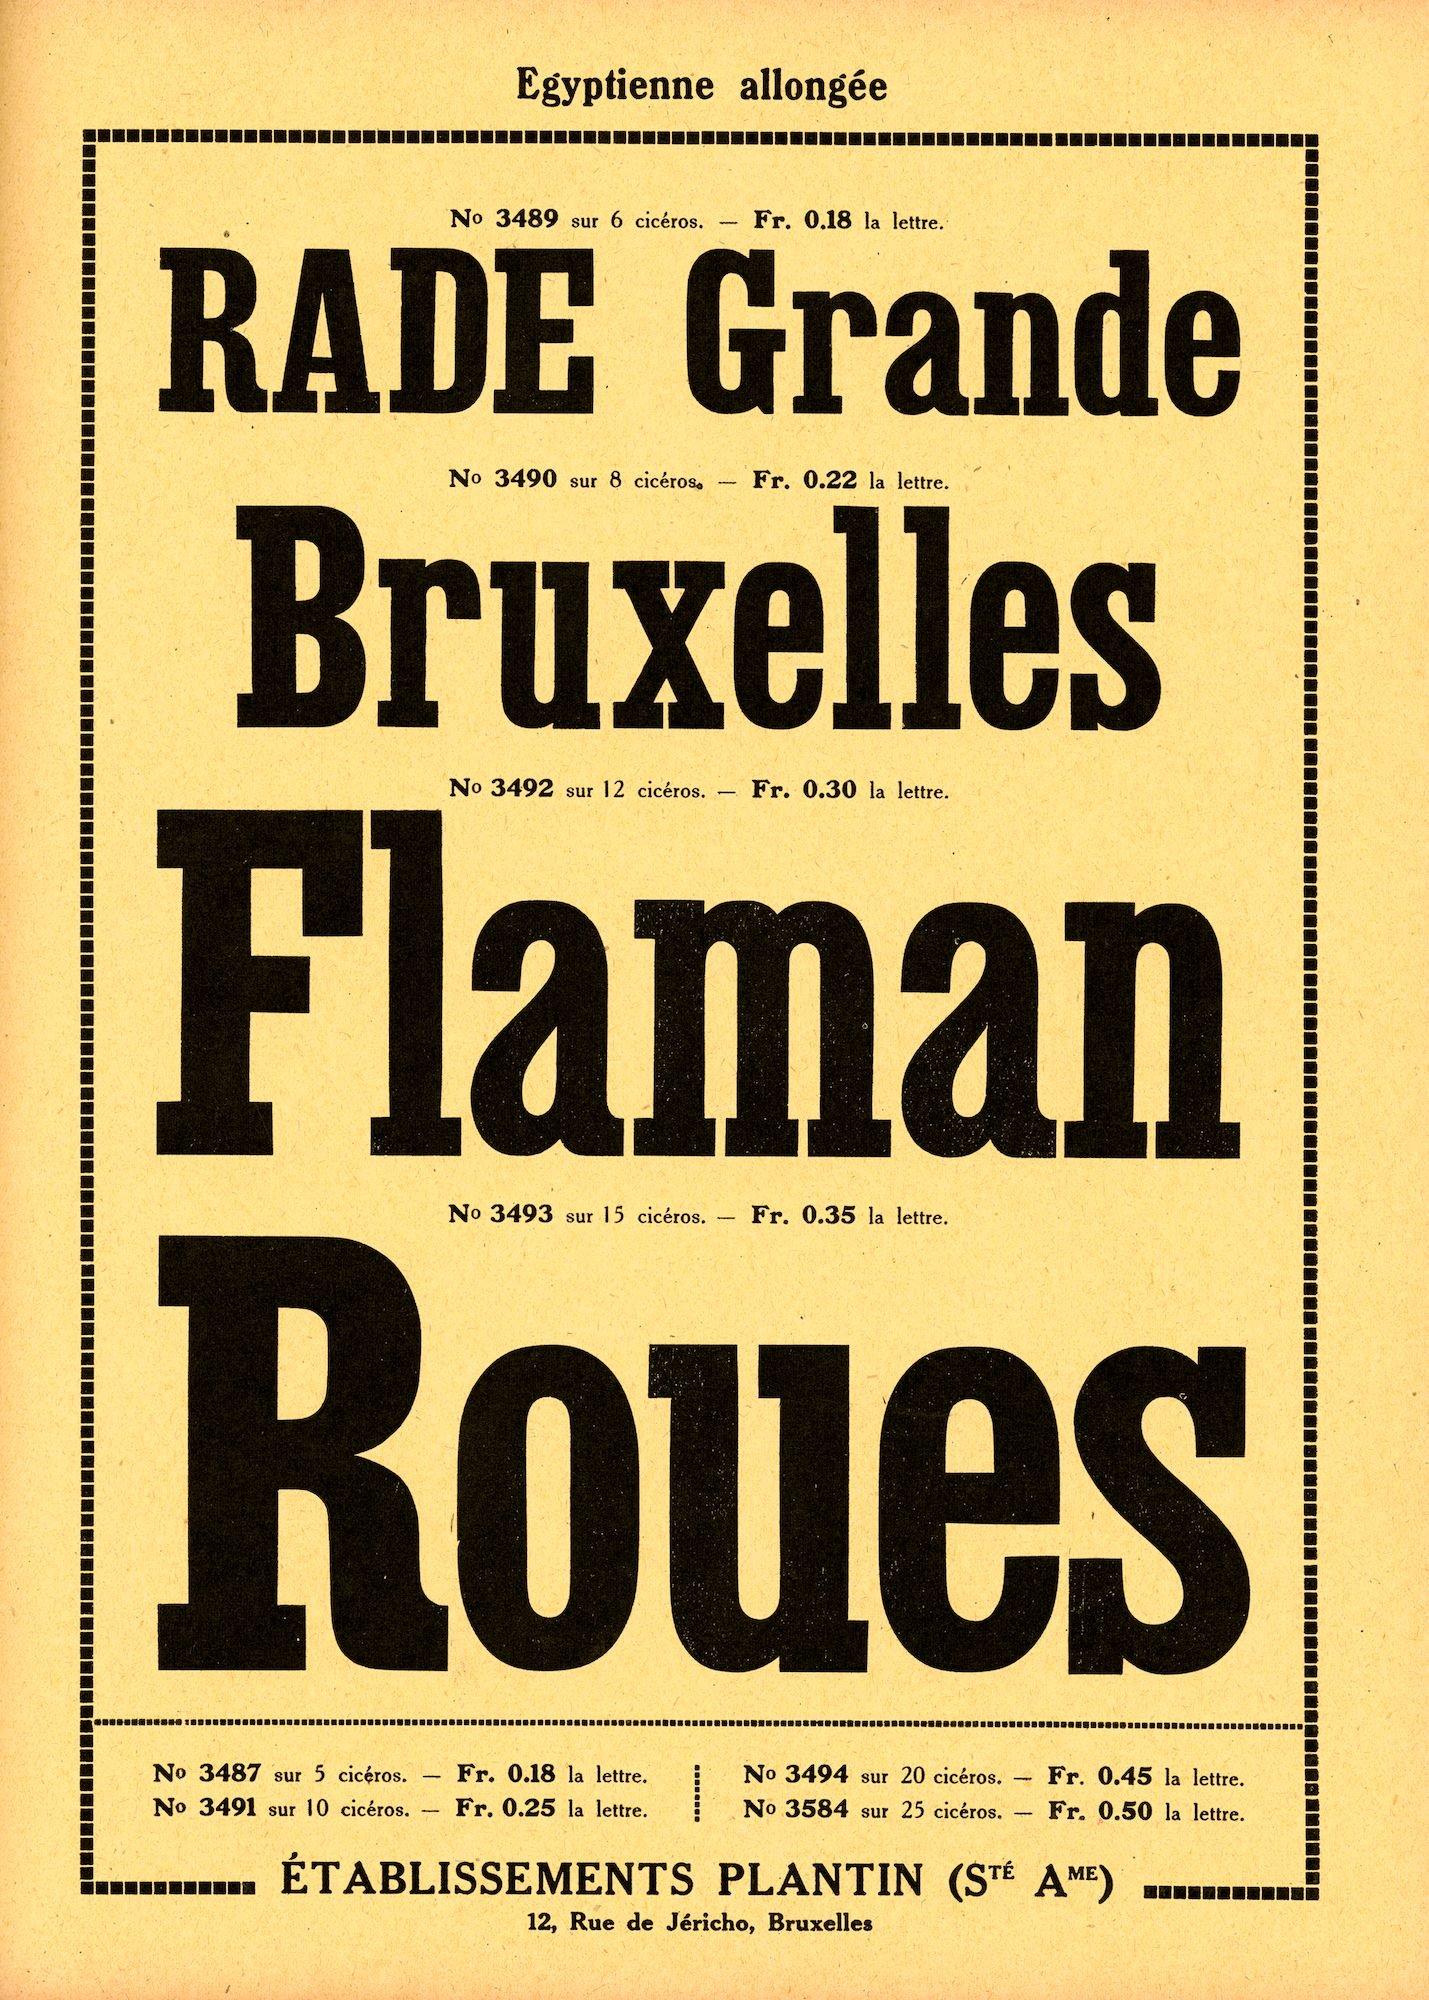 Voorbeeld van het lettertype Egyptienne allongée van de firma Plantin te Brussel